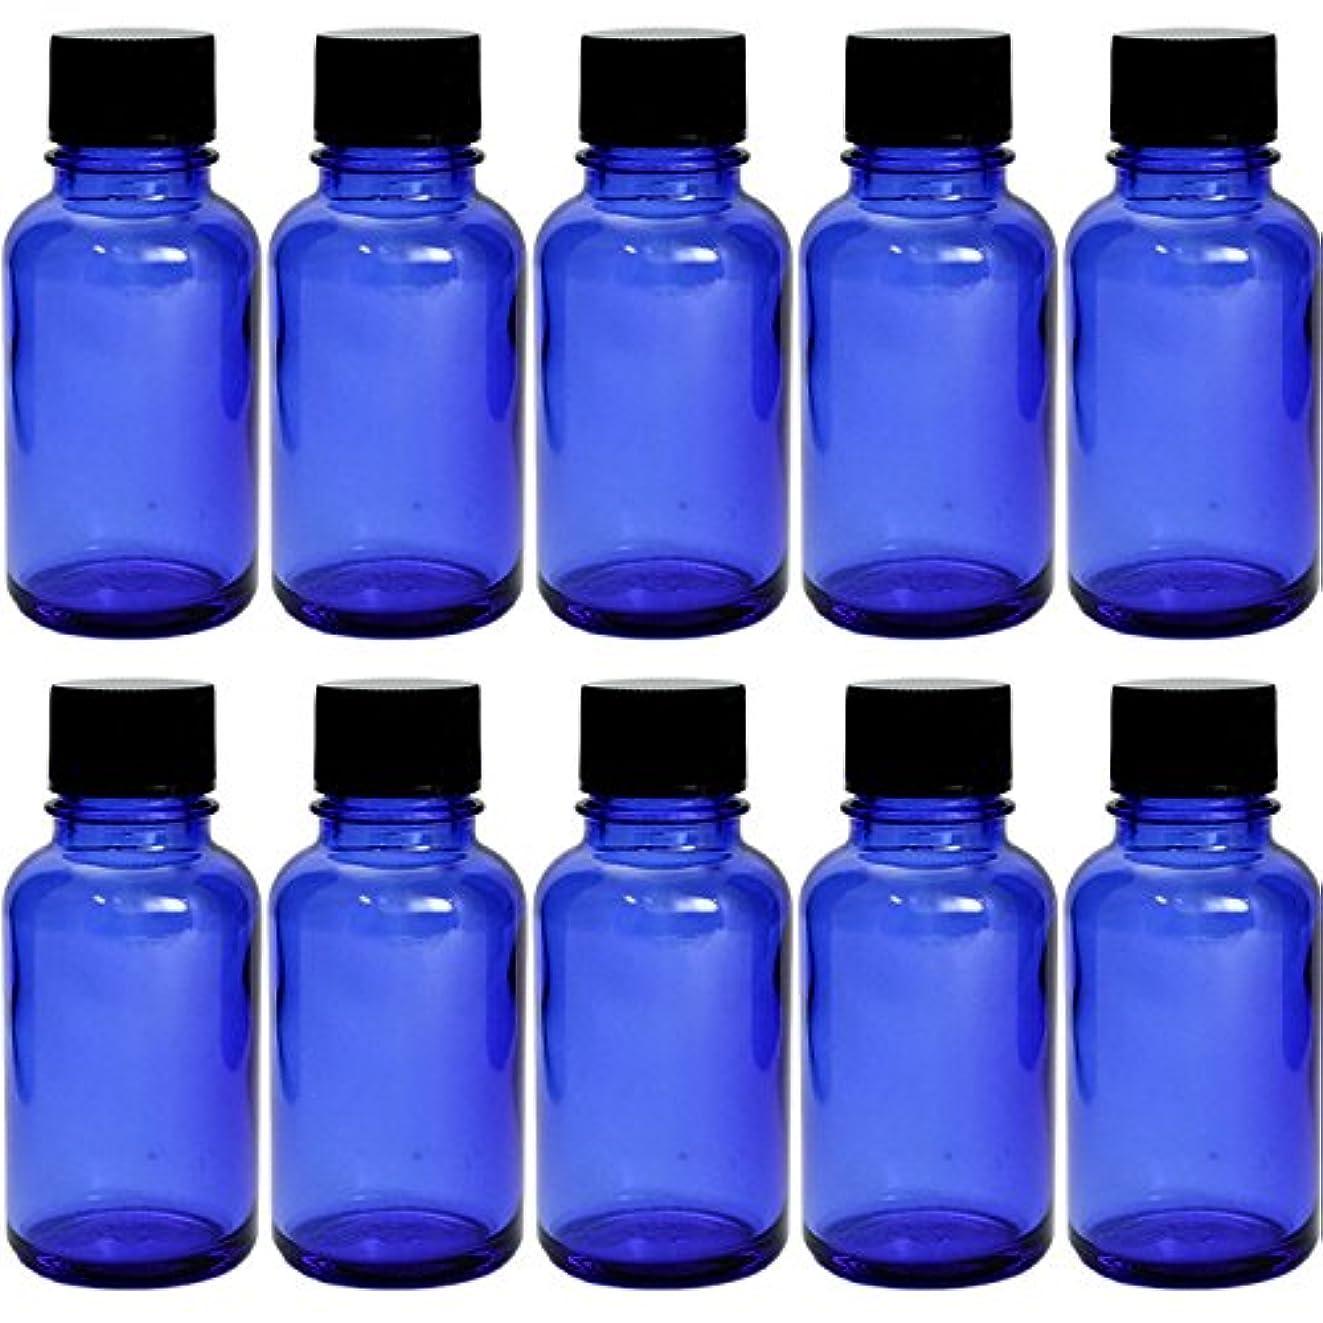 減衰ベットおもてなし遮光瓶 ブルー 30cc SYA-B30cc -10本セット- (黒CAPのみ)